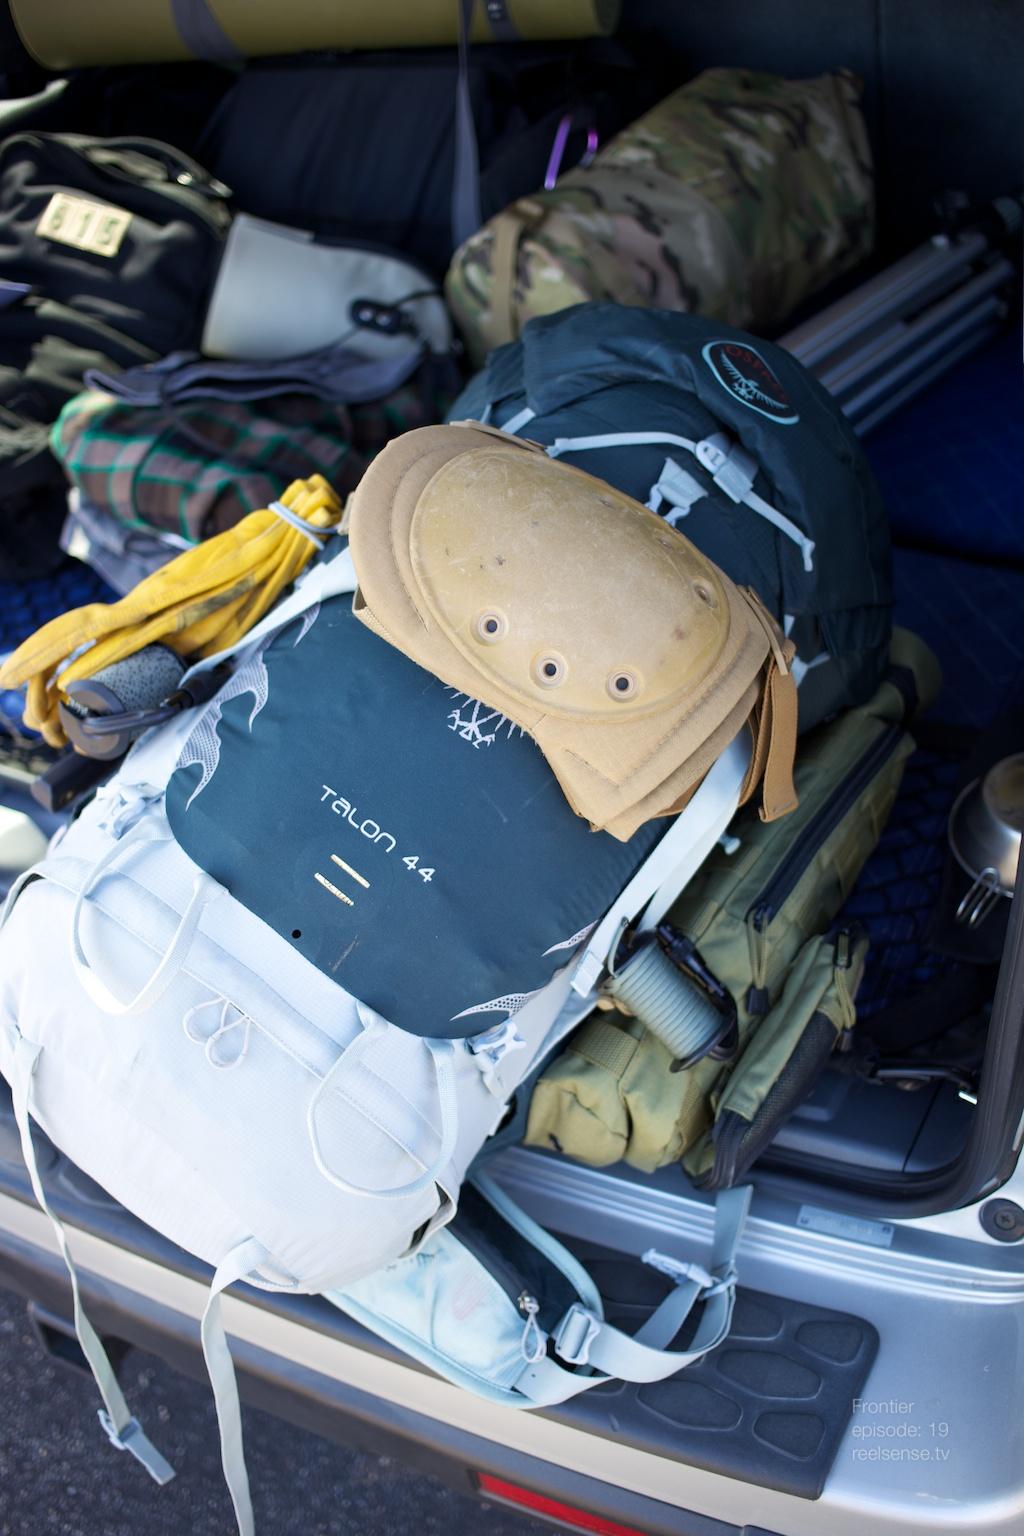 Joshua Tree - Osprey Talon 44 backpack in truck